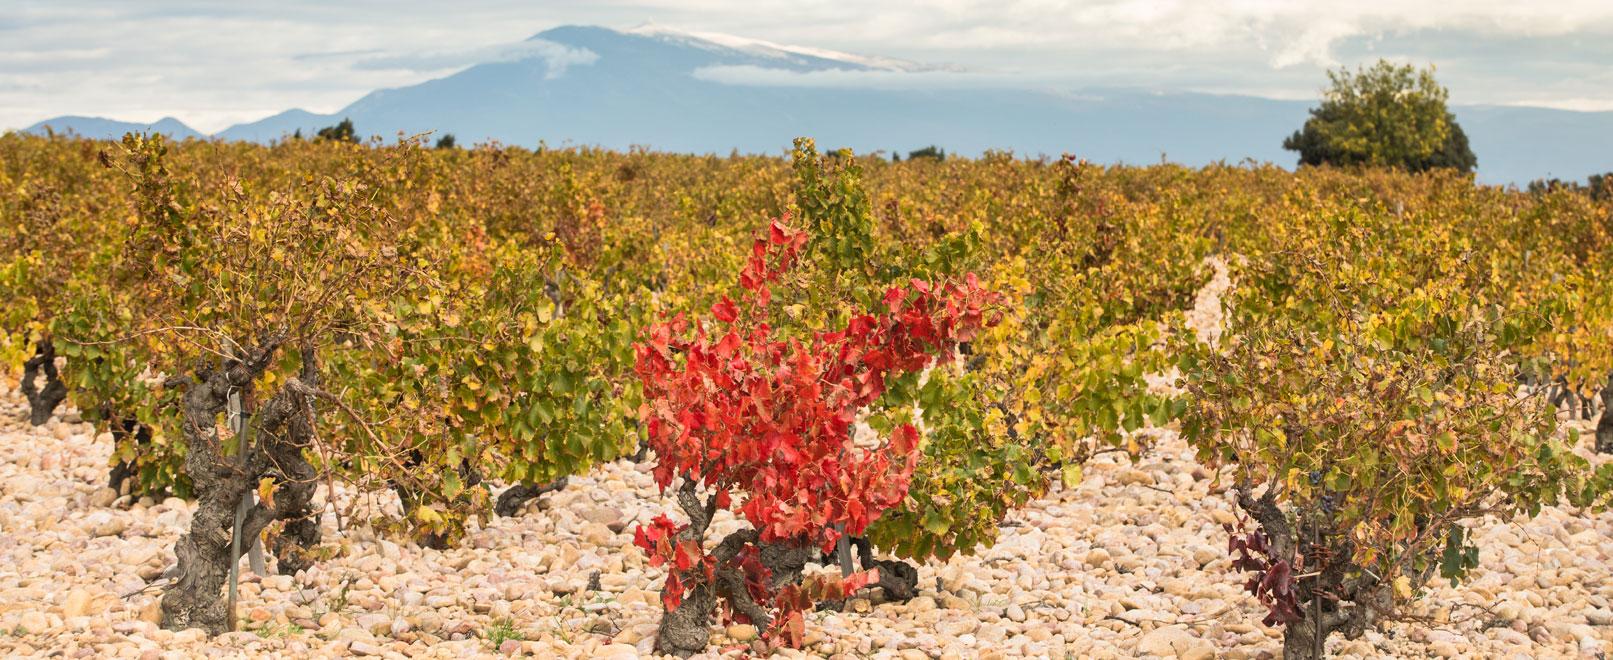 Weine und Weinbaugebiete – RhôneTal © Kessler